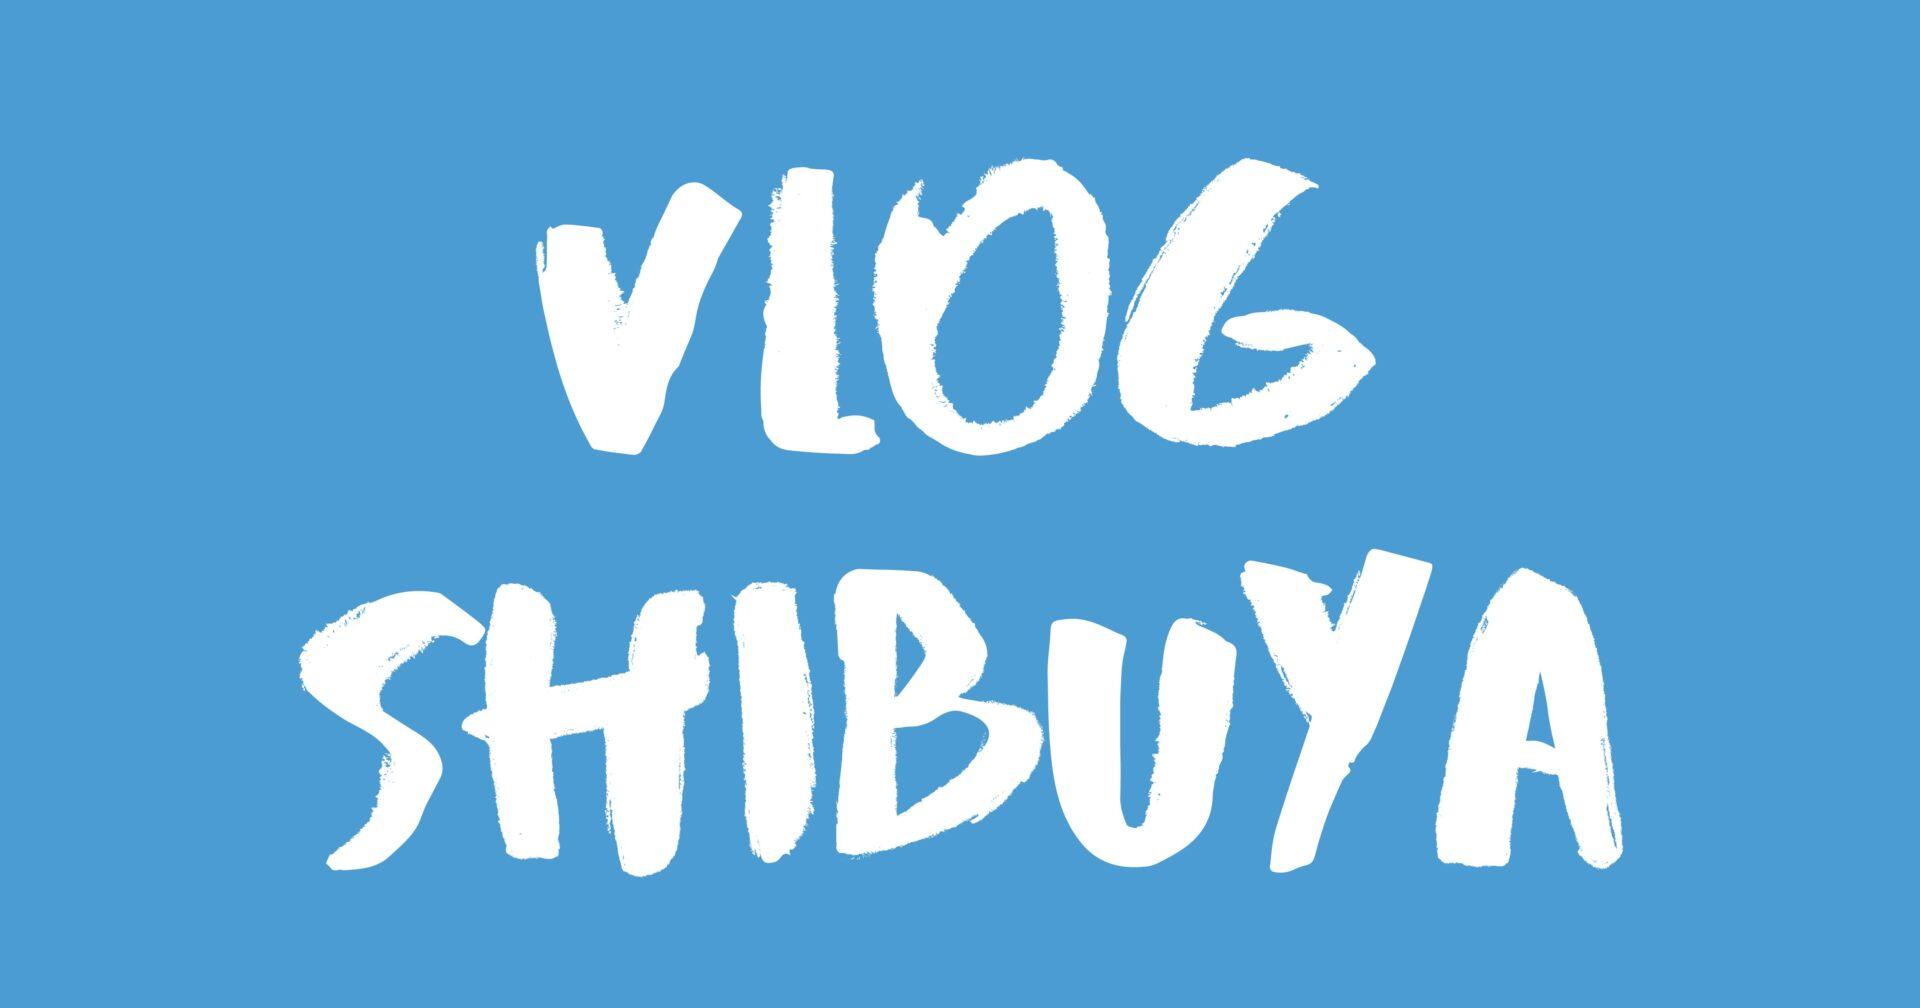 [Vlog] 渋谷 / Shibuya